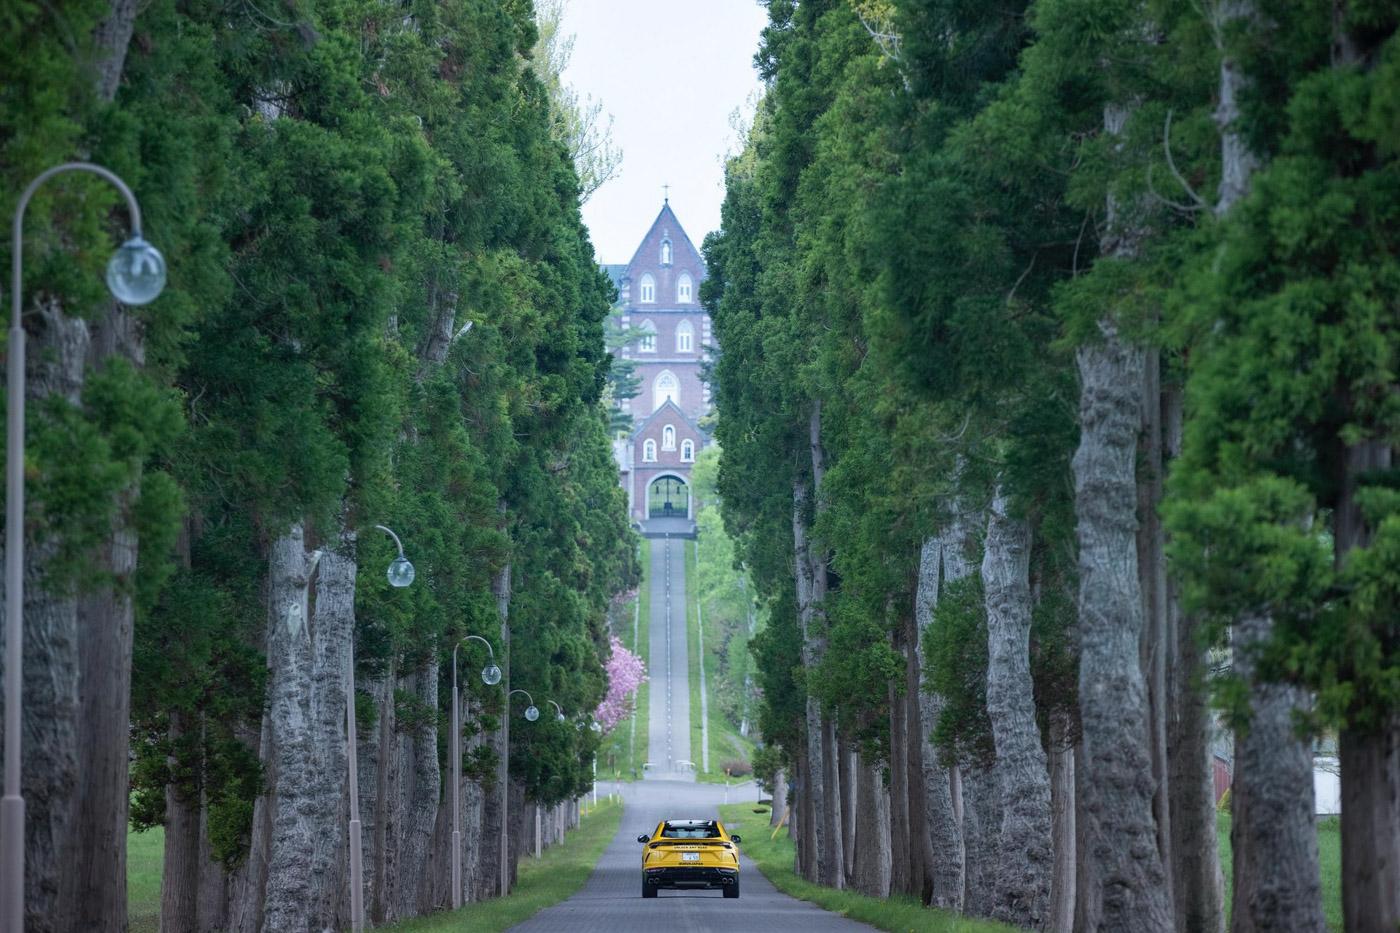 Bộ-đôi-Lamborghini-Urus-vượt-hơn-6.500-km-trong-hành-trình-xuyên-Nhật-Bản (5).jpg